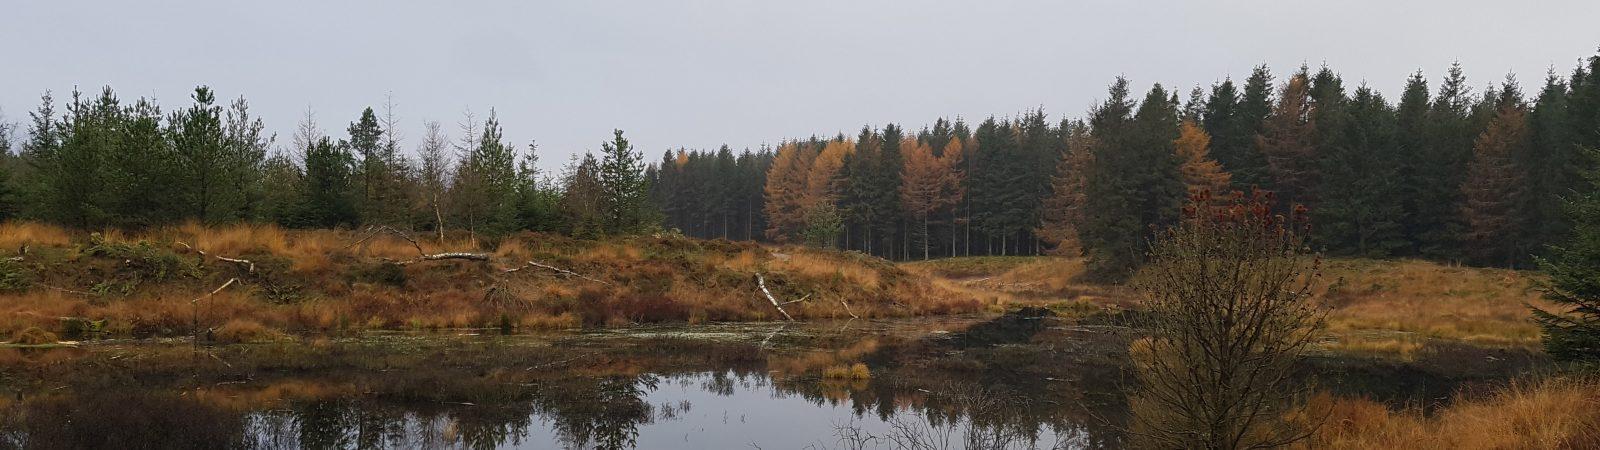 En af de mange småsøer hvor bæverne færdes i Klosterheden